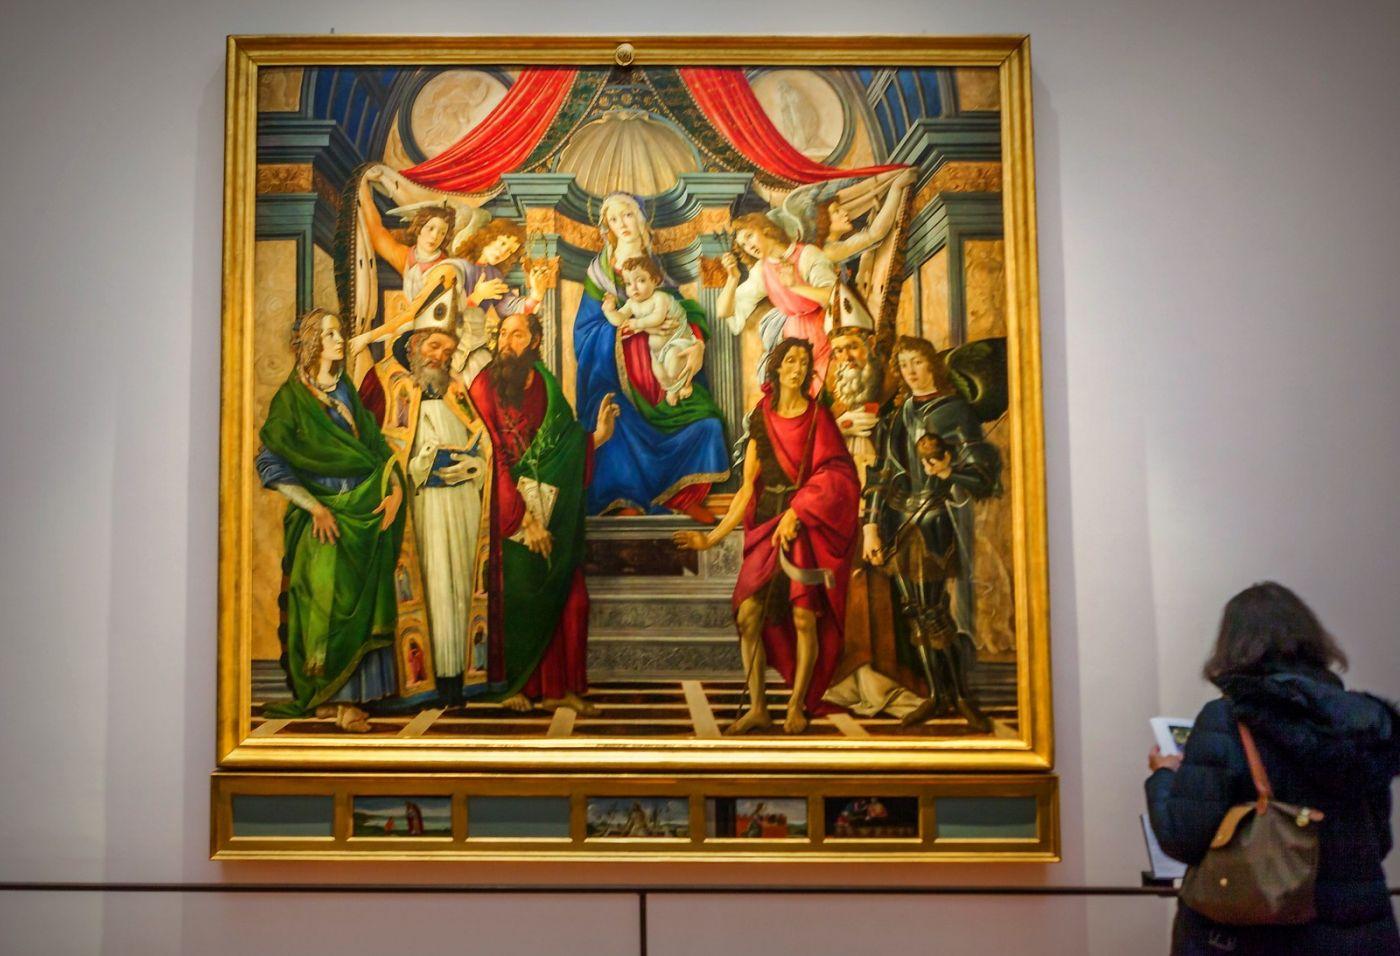 意大利佛罗伦斯乌菲兹美术馆, 目睹藏品_图1-12